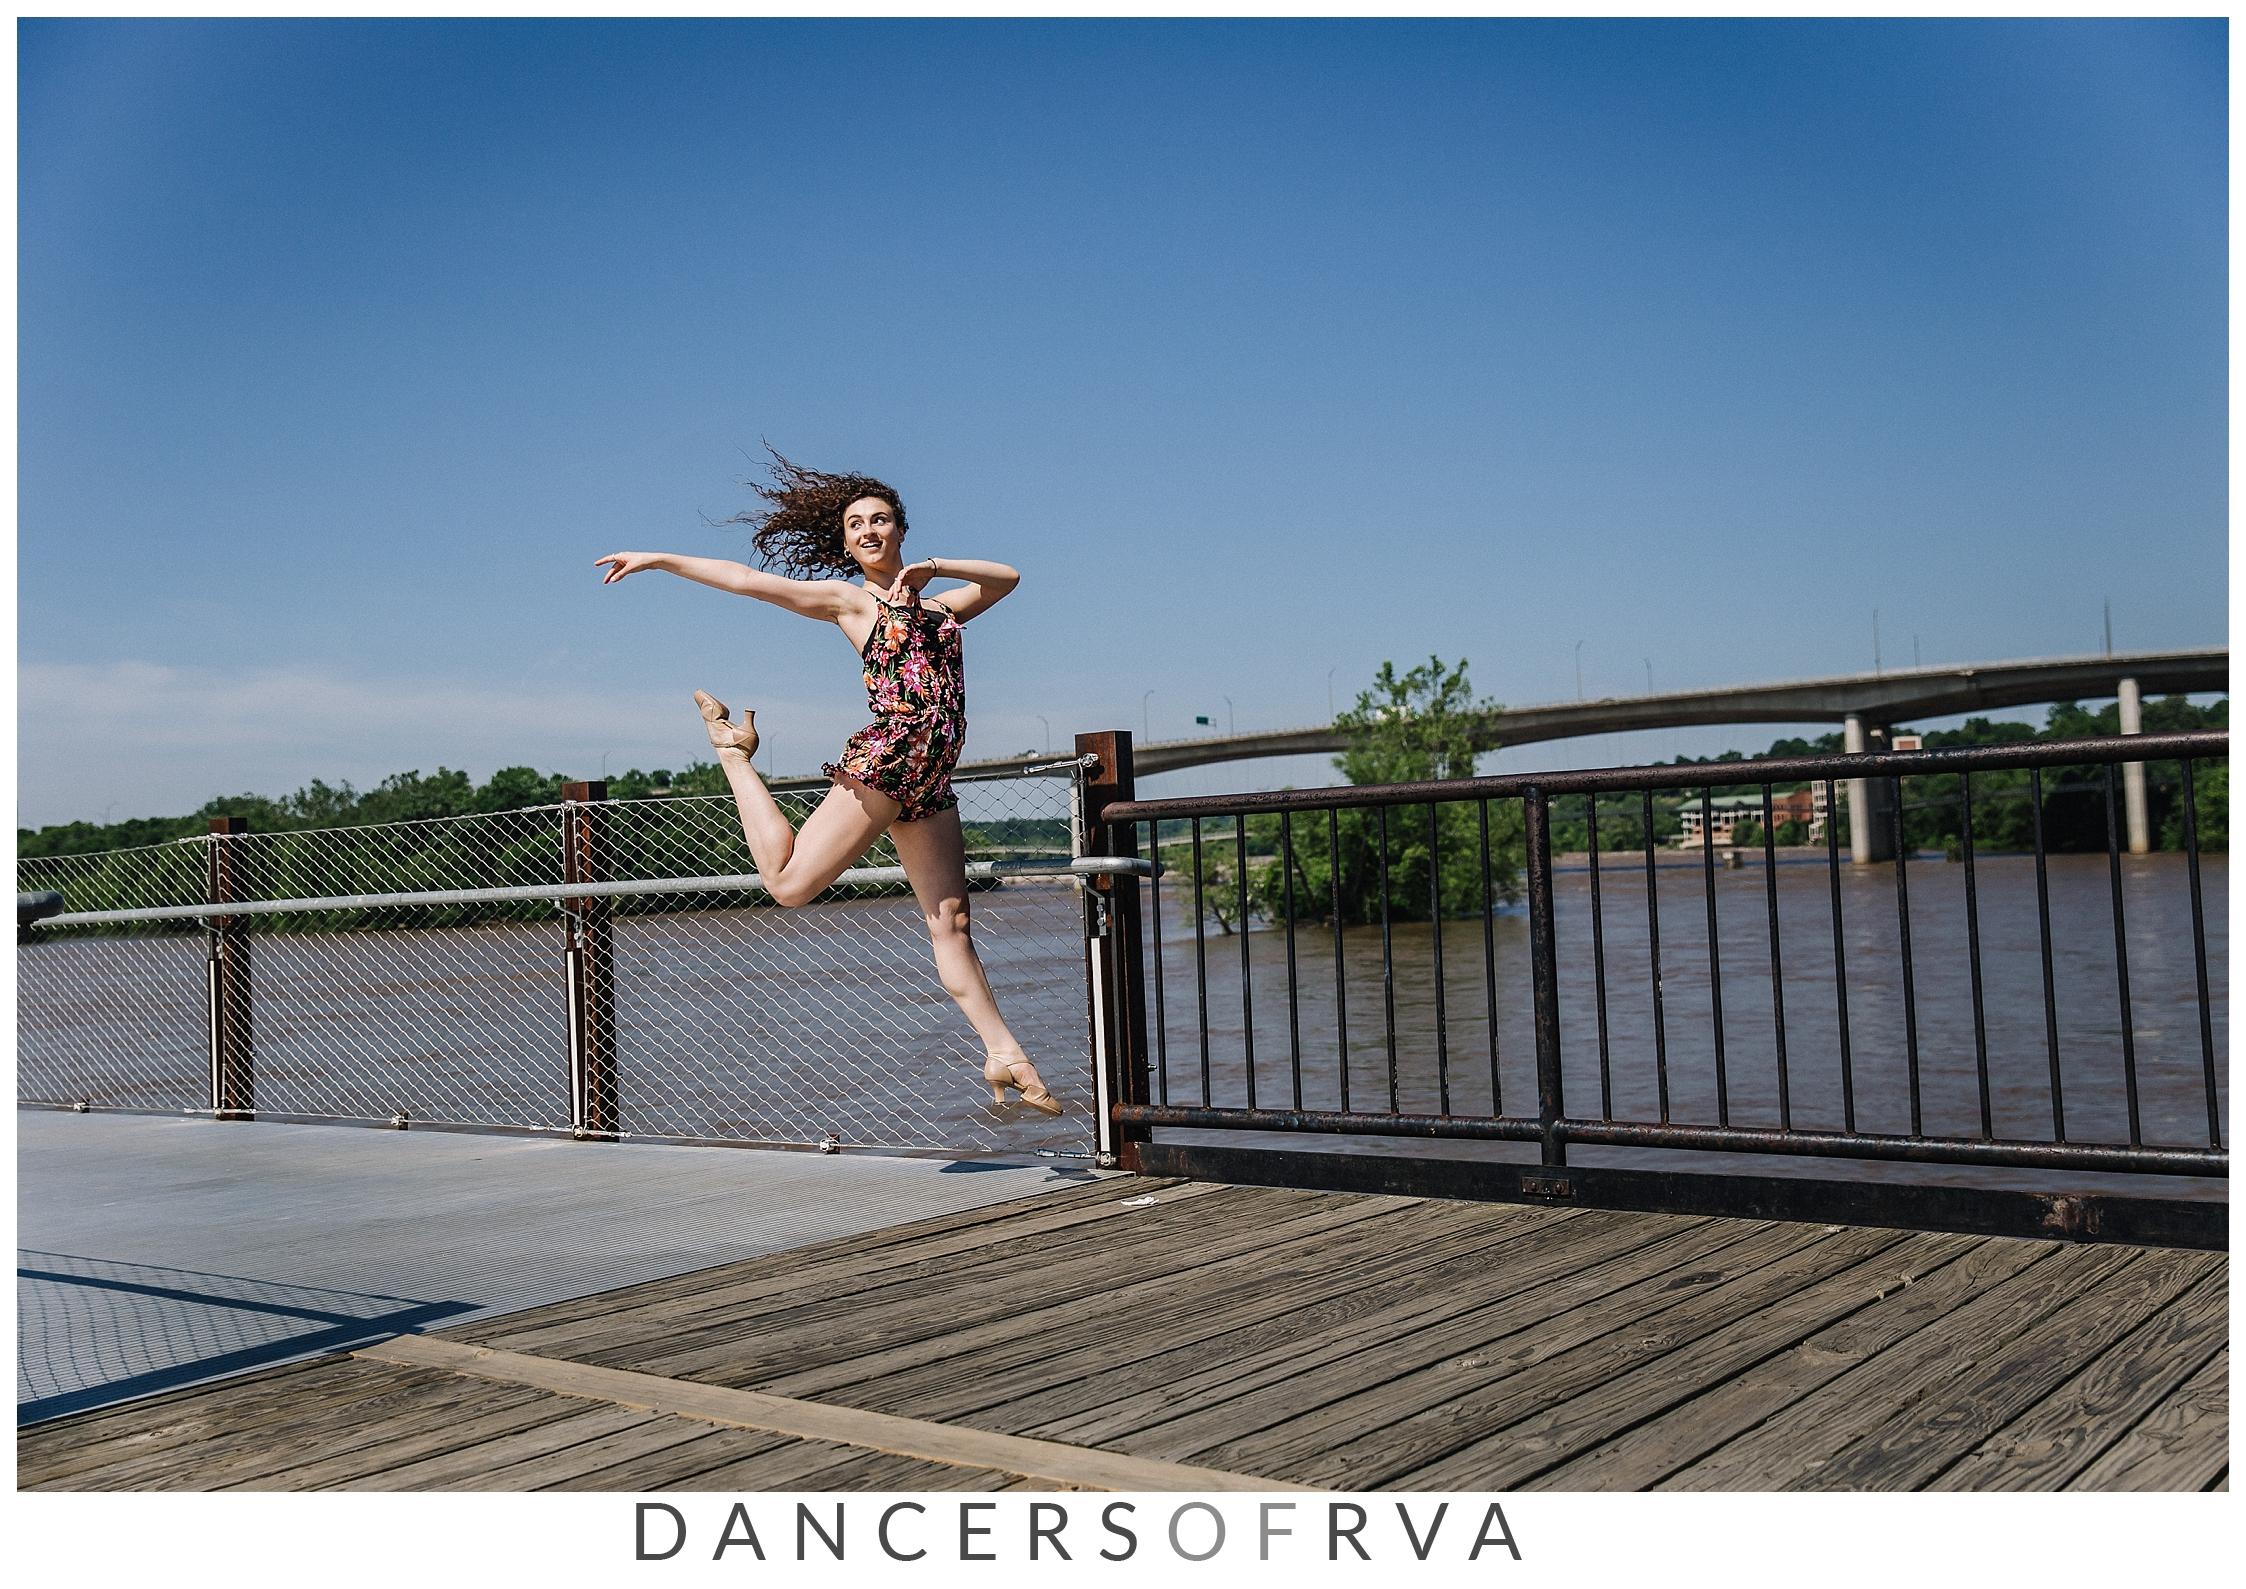 Dancer at the T. Tyler Potterfield Memorial Bridge Dancers of RVA Dance Project